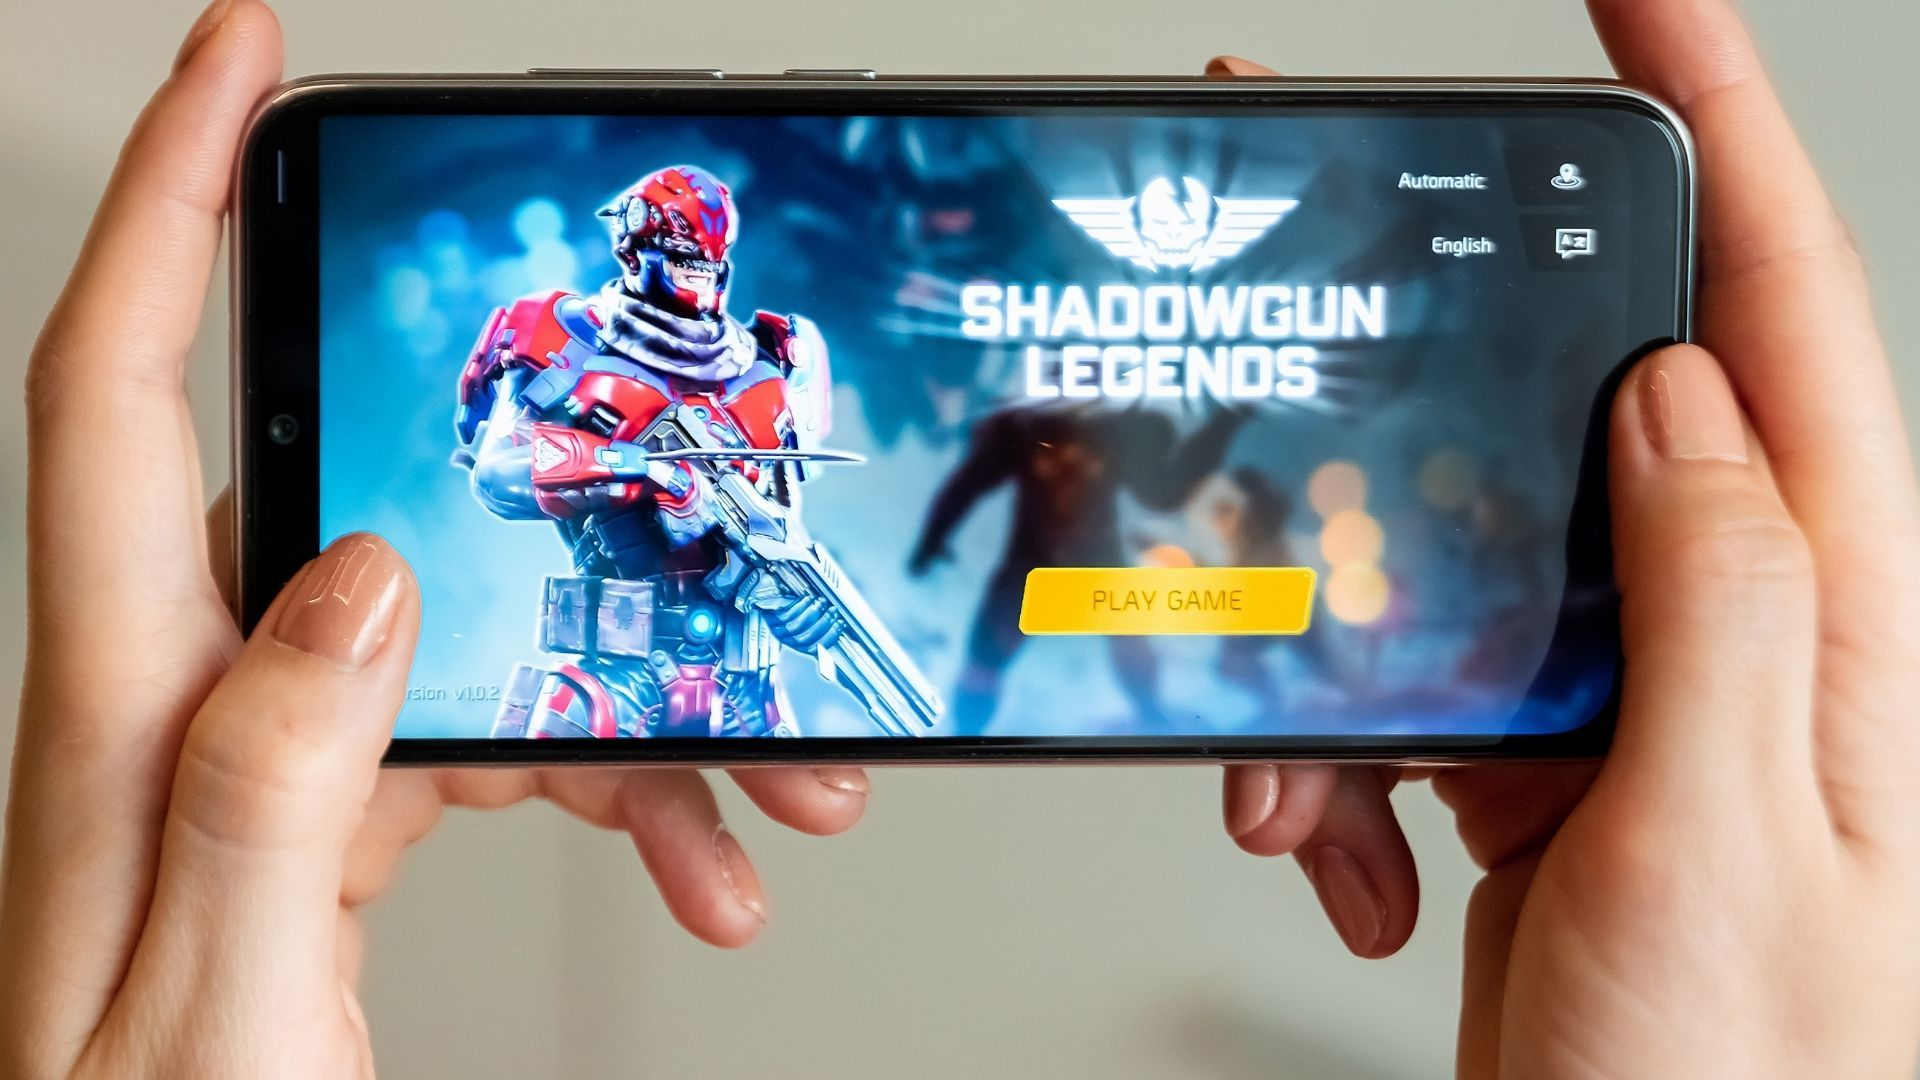 Os dois celulares rodam jogos populares da Play Store (Foto: Marko Aliaksandr / Shutterstock.com)